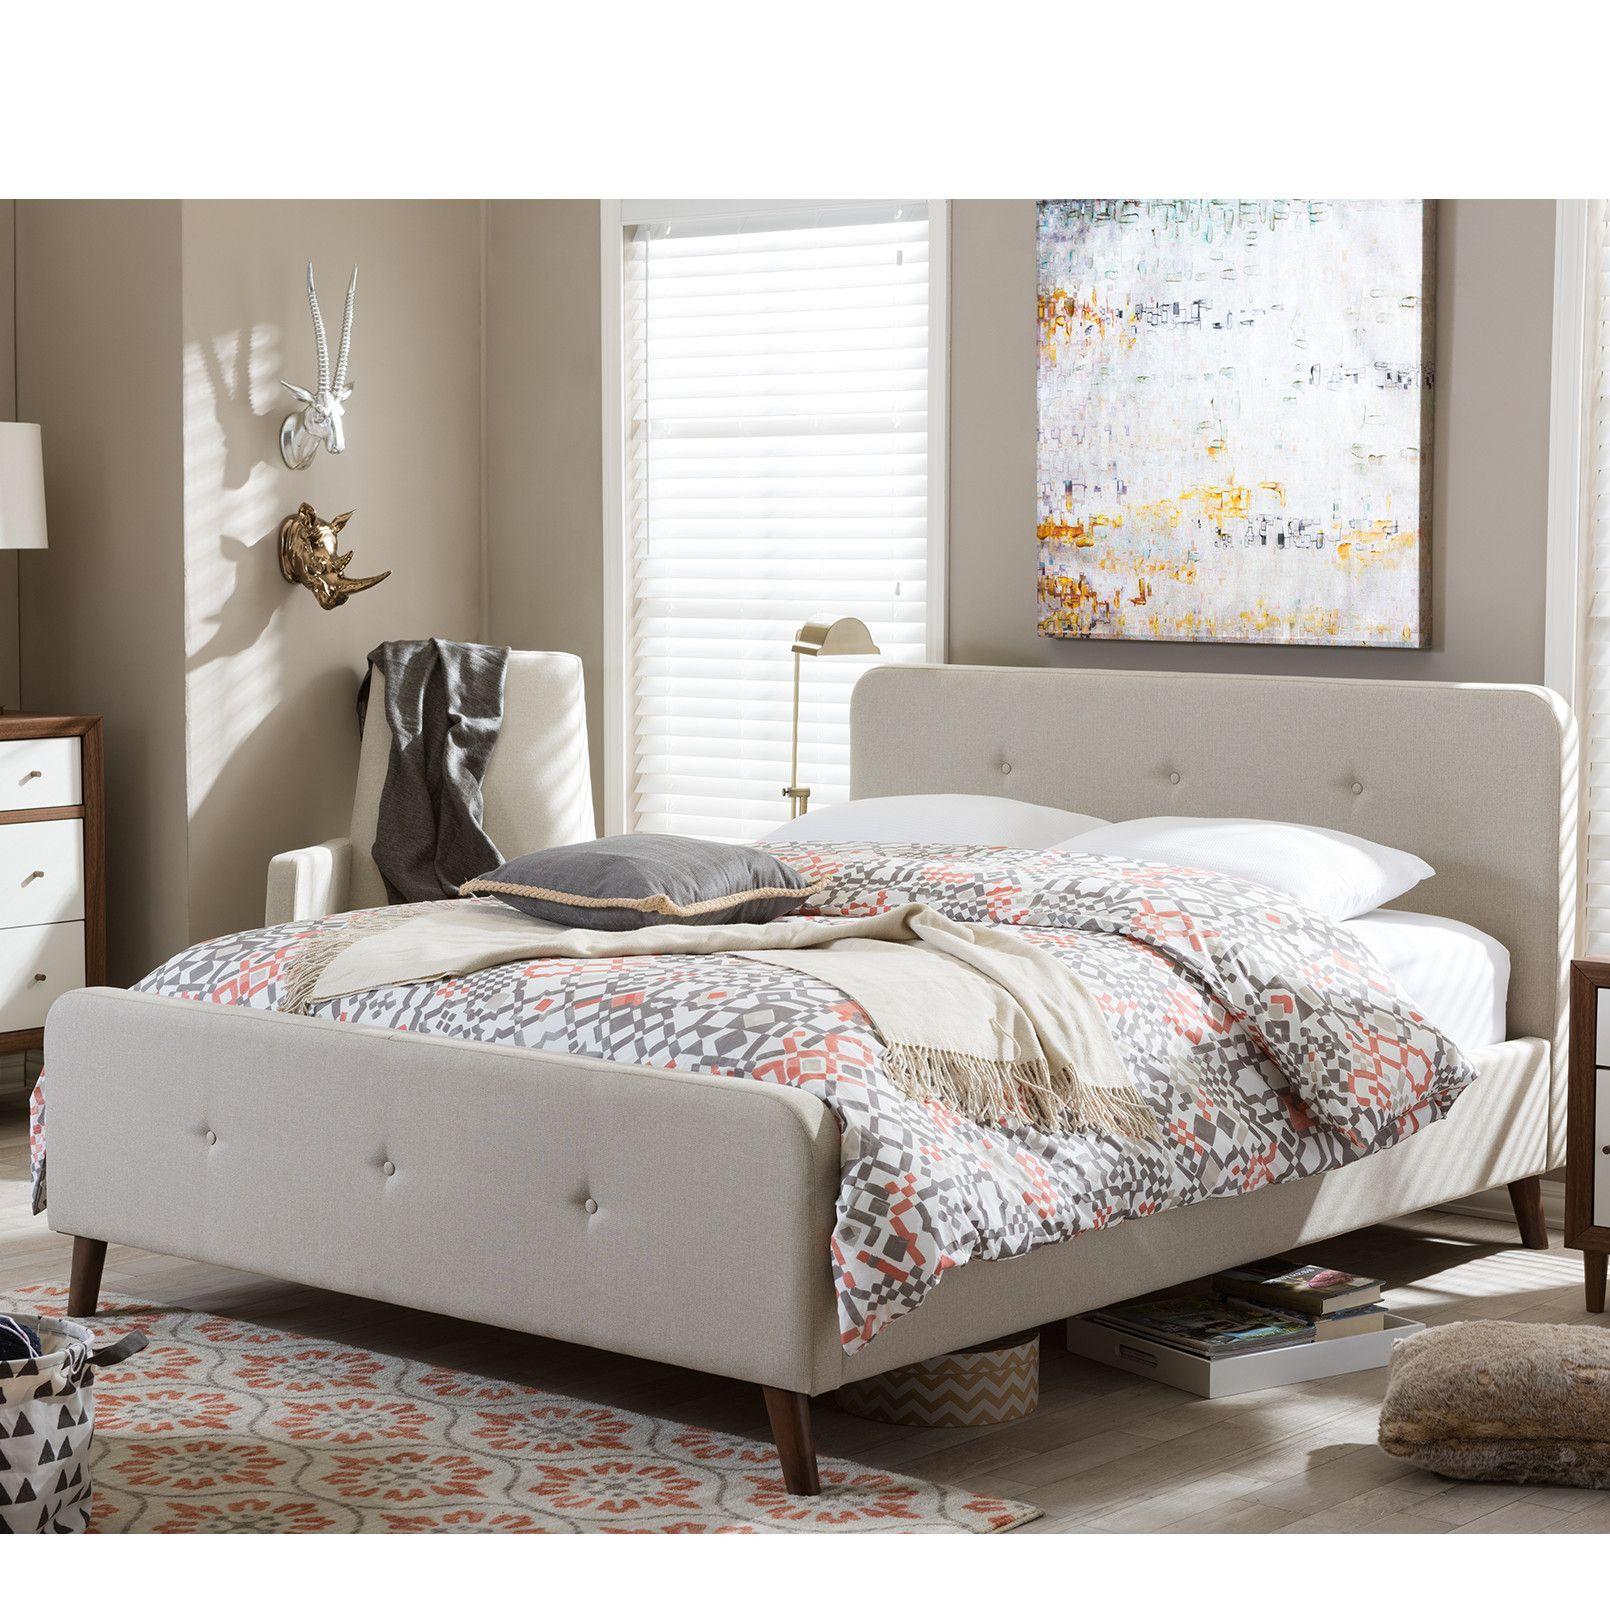 Best Shuffler Upholstered Platform Bed Upholstered Platform 640 x 480